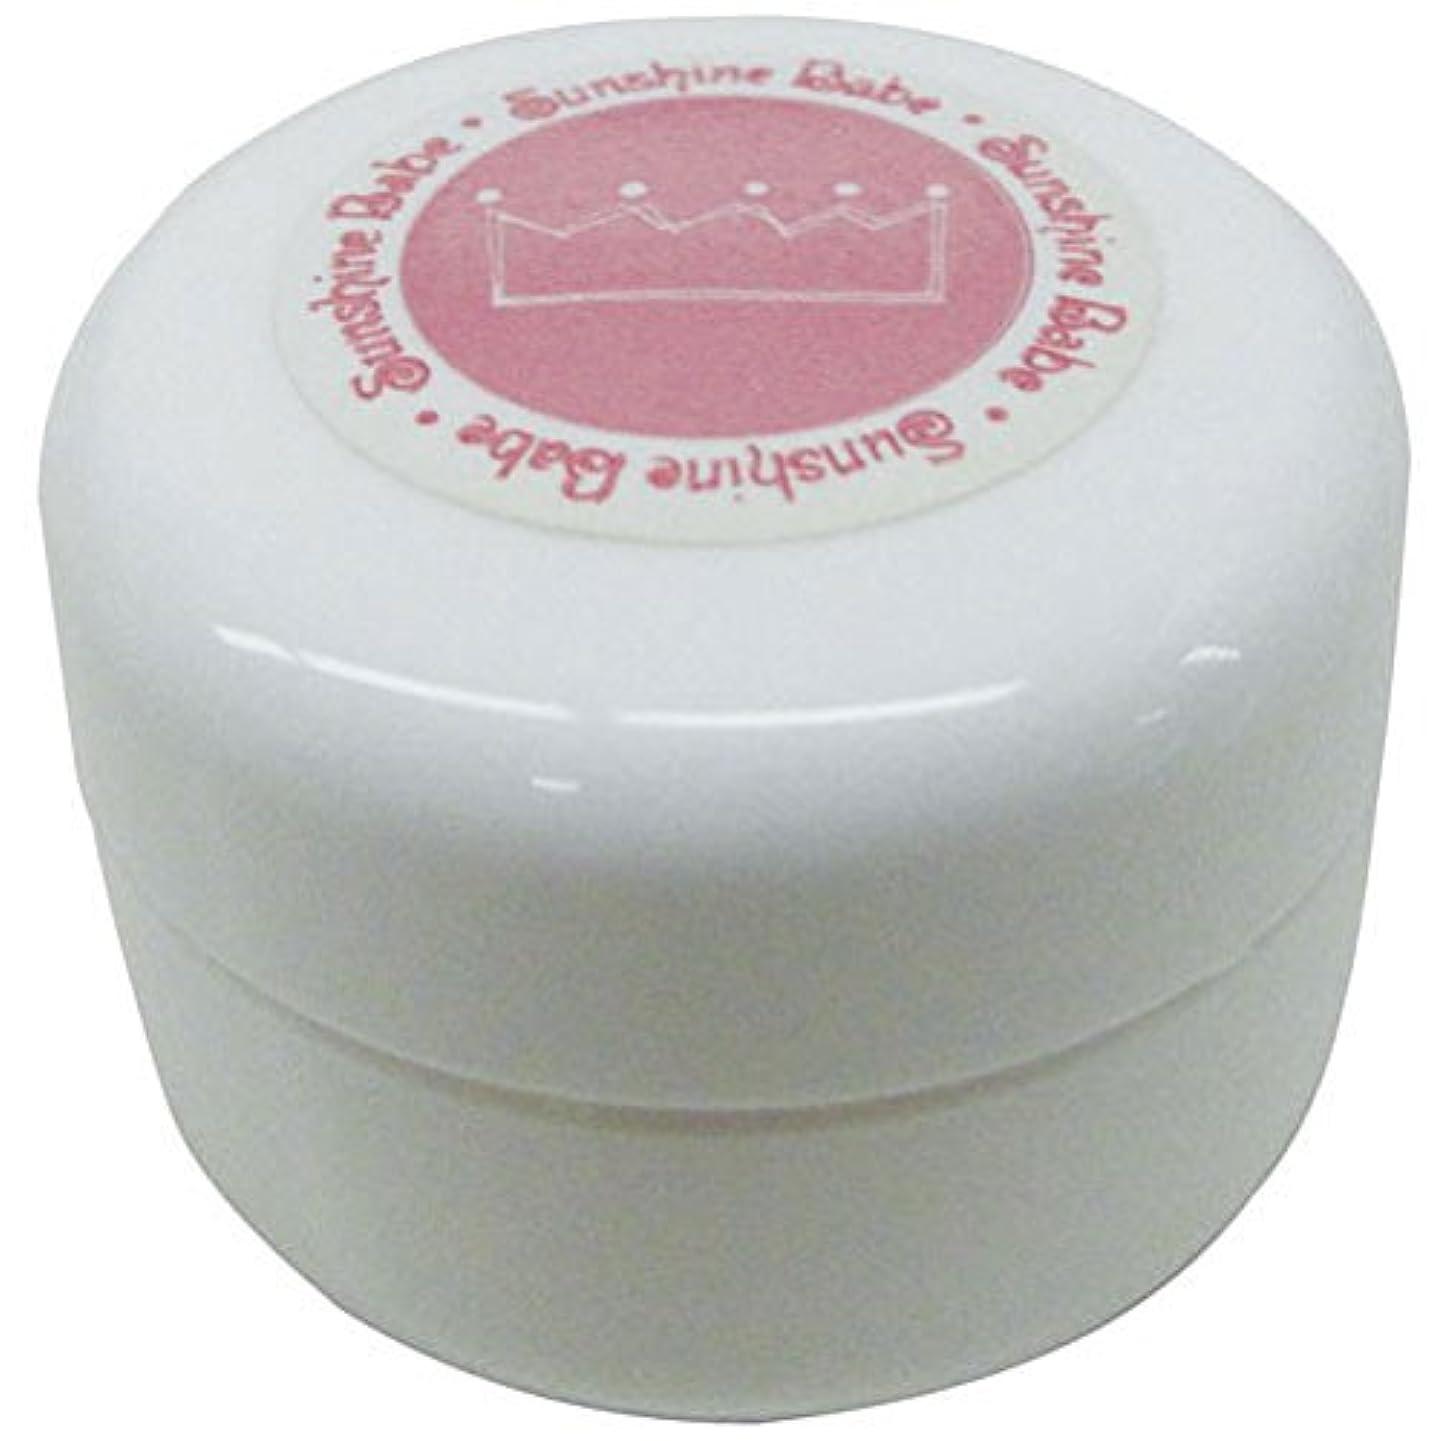 常習的思春期変色するジェルネイル  サンシャインベビー クリームジェルポット 10ml